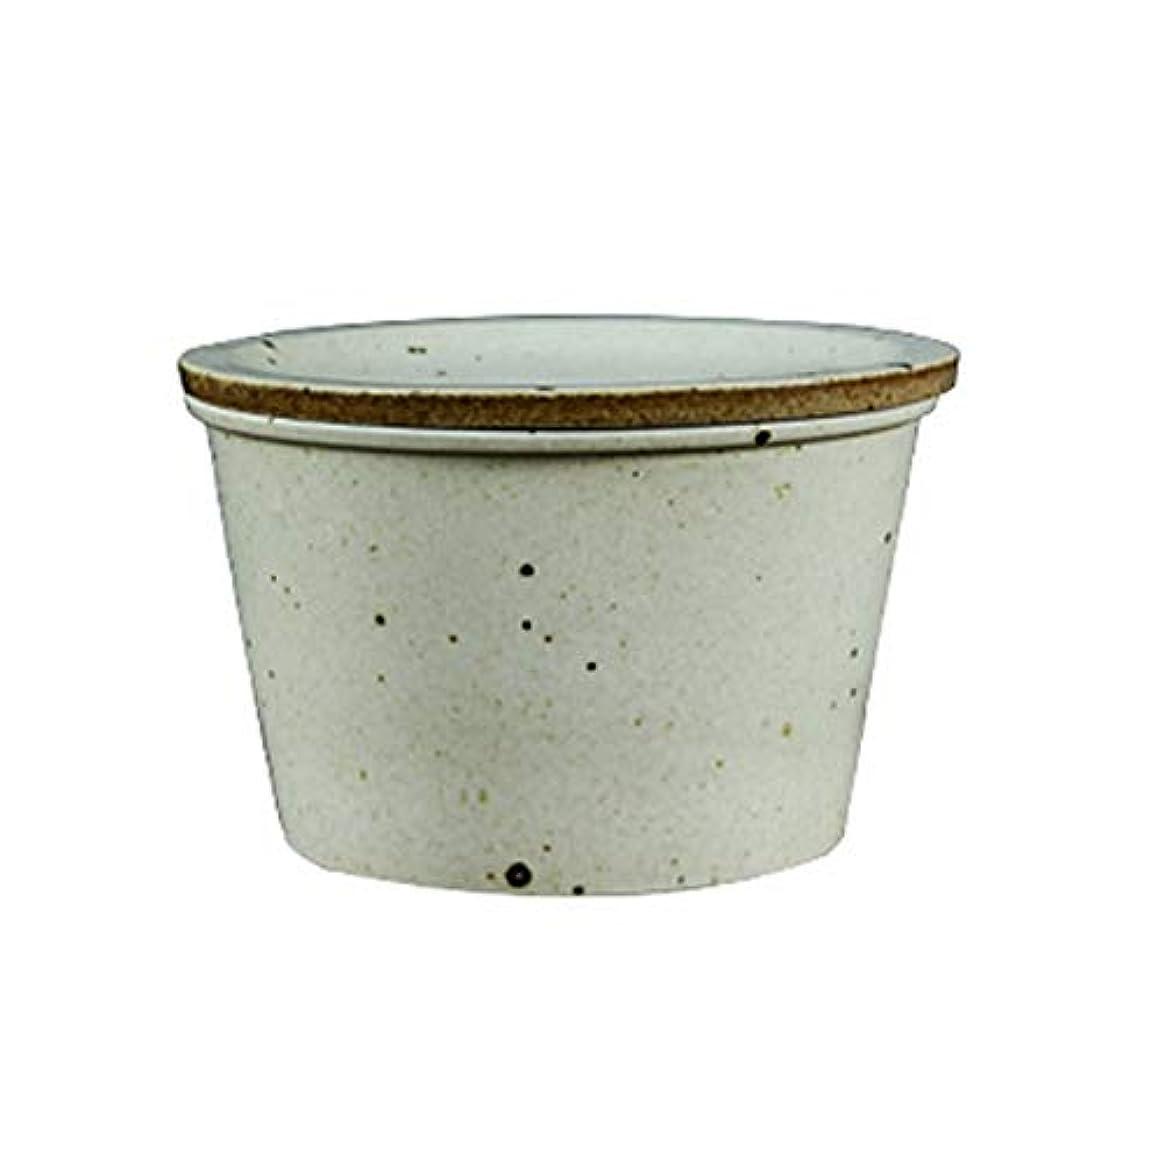 血苦情文句異常なZc-Ayiilihe 耐高温調味料の瓶、セラミック調味料収納ボックスセット、日本の陶器の瓶、蓋付きホームシチューポット (Size : Section B)